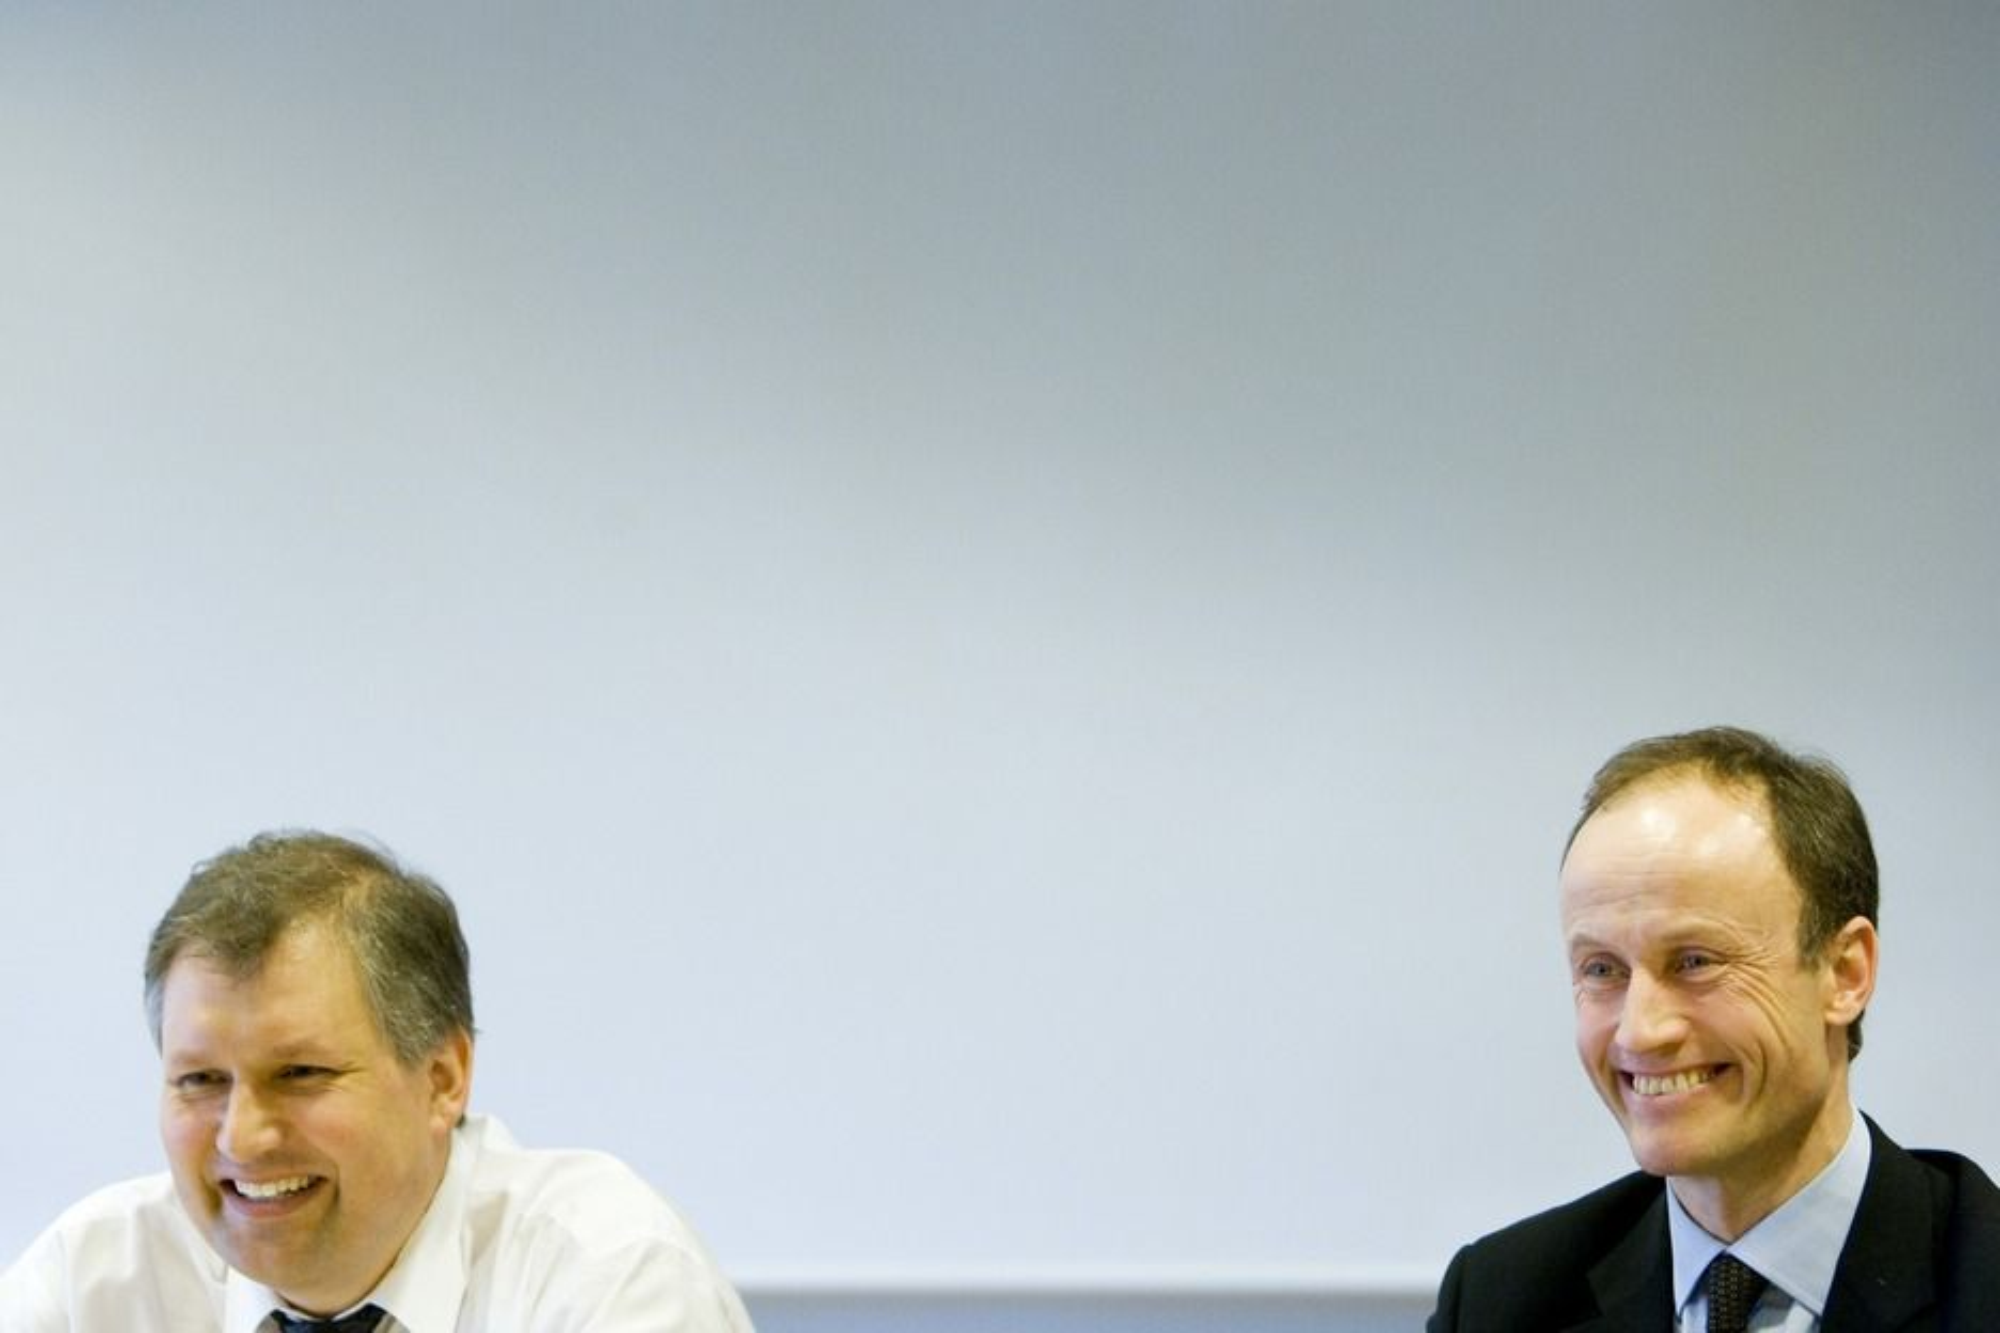 BUDSJETT: Enova-direktør Nils Kristian Nakstad (t.h.) får rekordmye penger fra olje- og energiminister Terje Riis-Johansen.